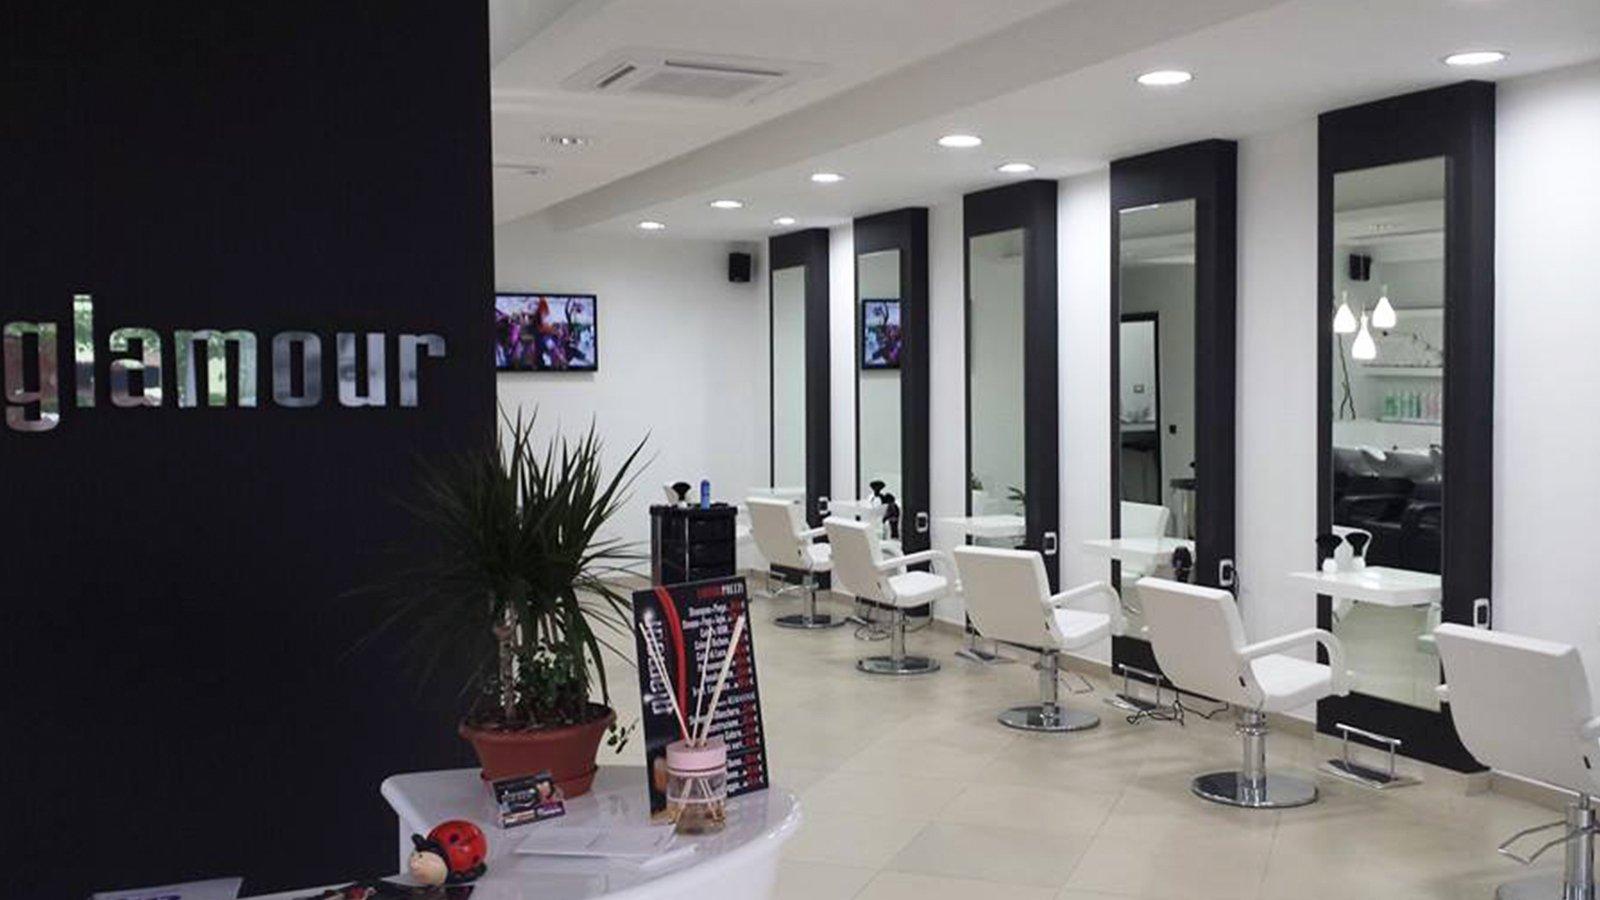 vista della scritta Glamour sul muro e delle sedie all'interno di un negozio di parrucchieri